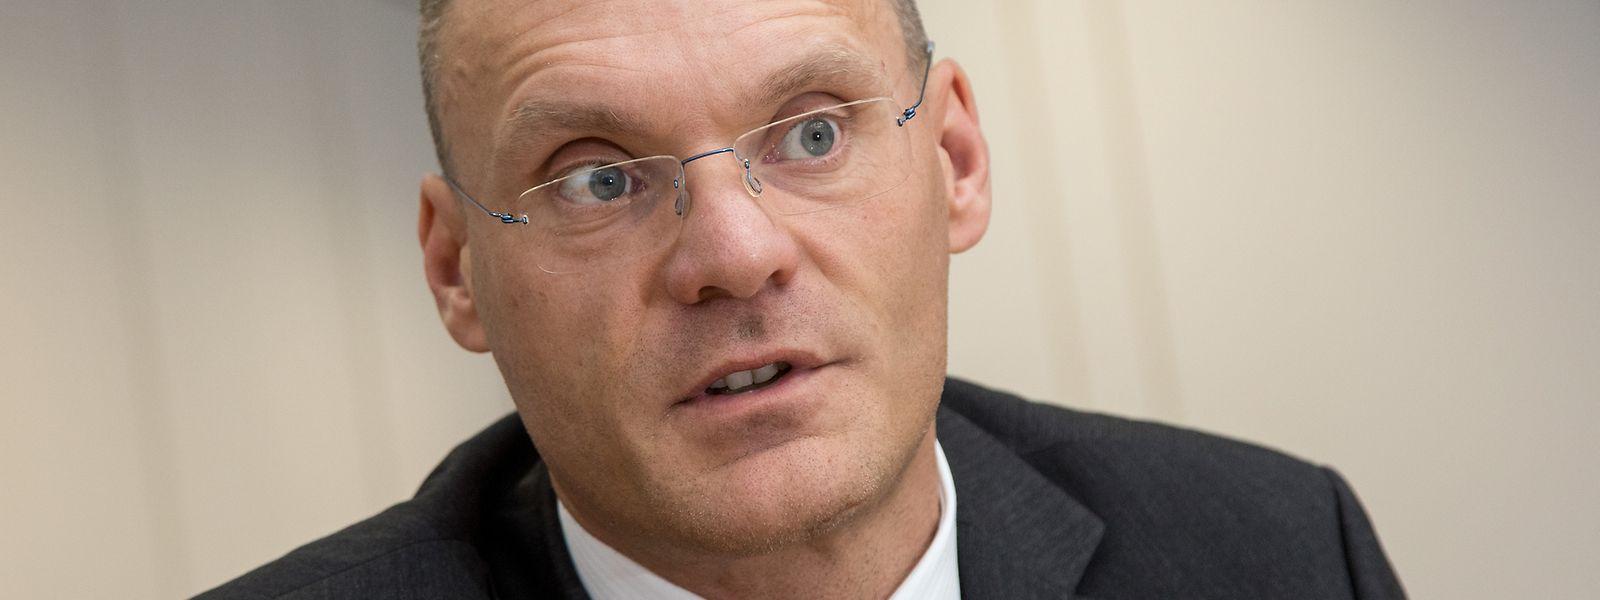 Der frühere hohe Beamte im Verteidigungsministerium, Gilles Feith, ist seit vergangenem Juni CEO der Luxair Group.